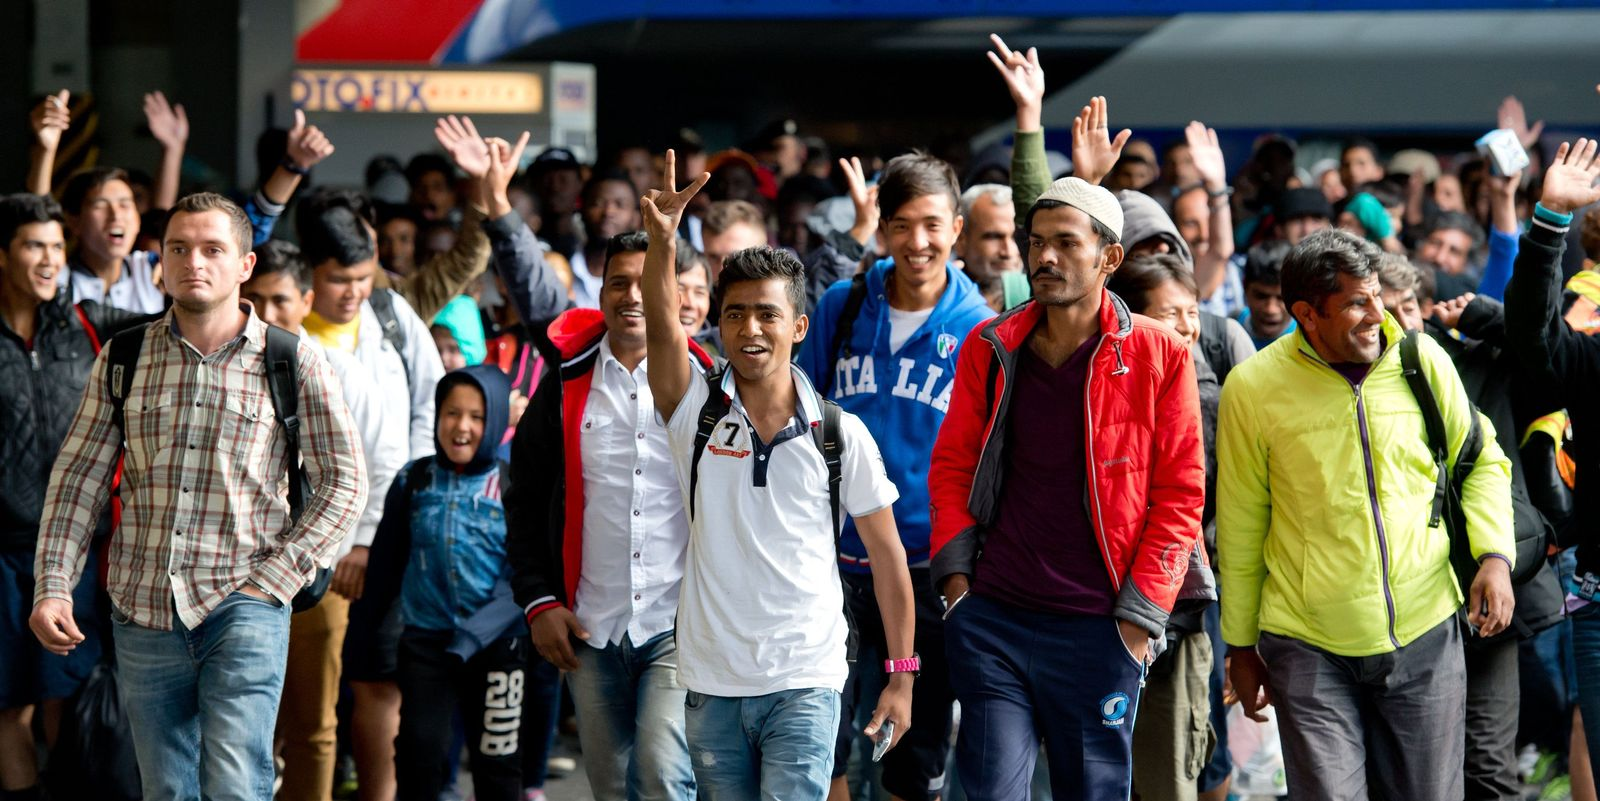 Flüchtlinge/ Dortmund